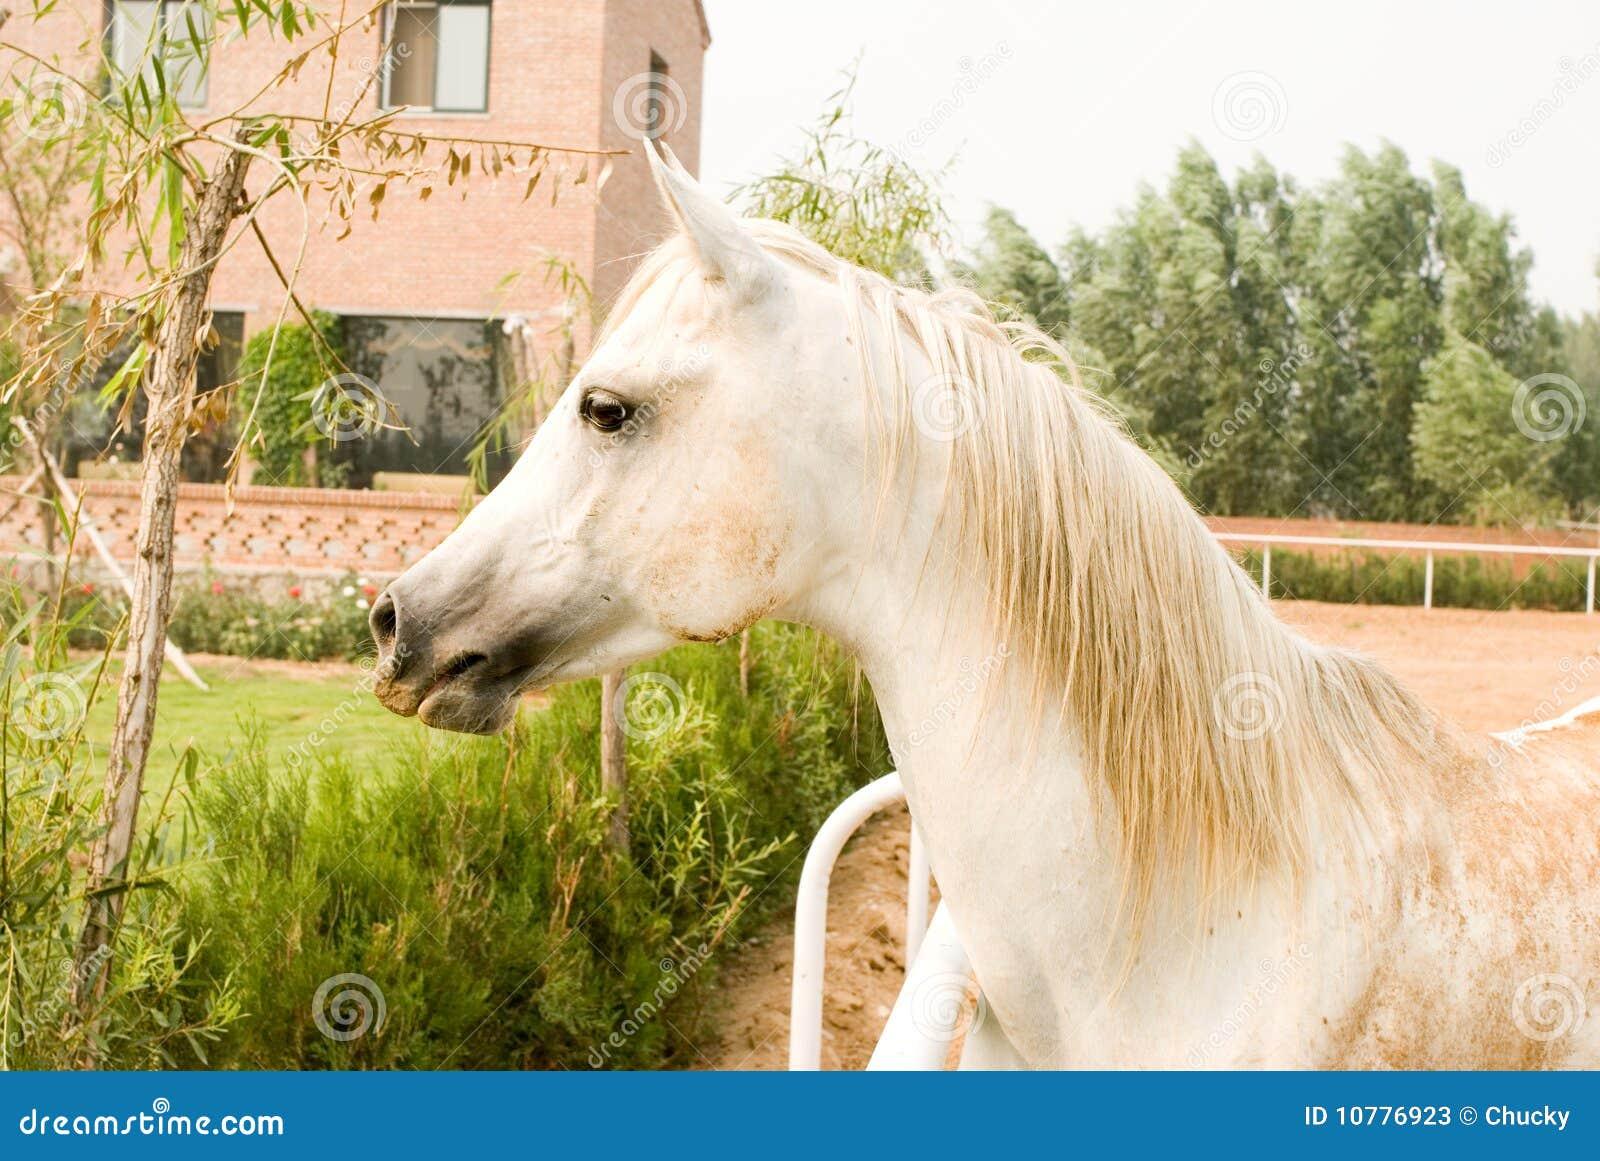 Wit Arabisch paard